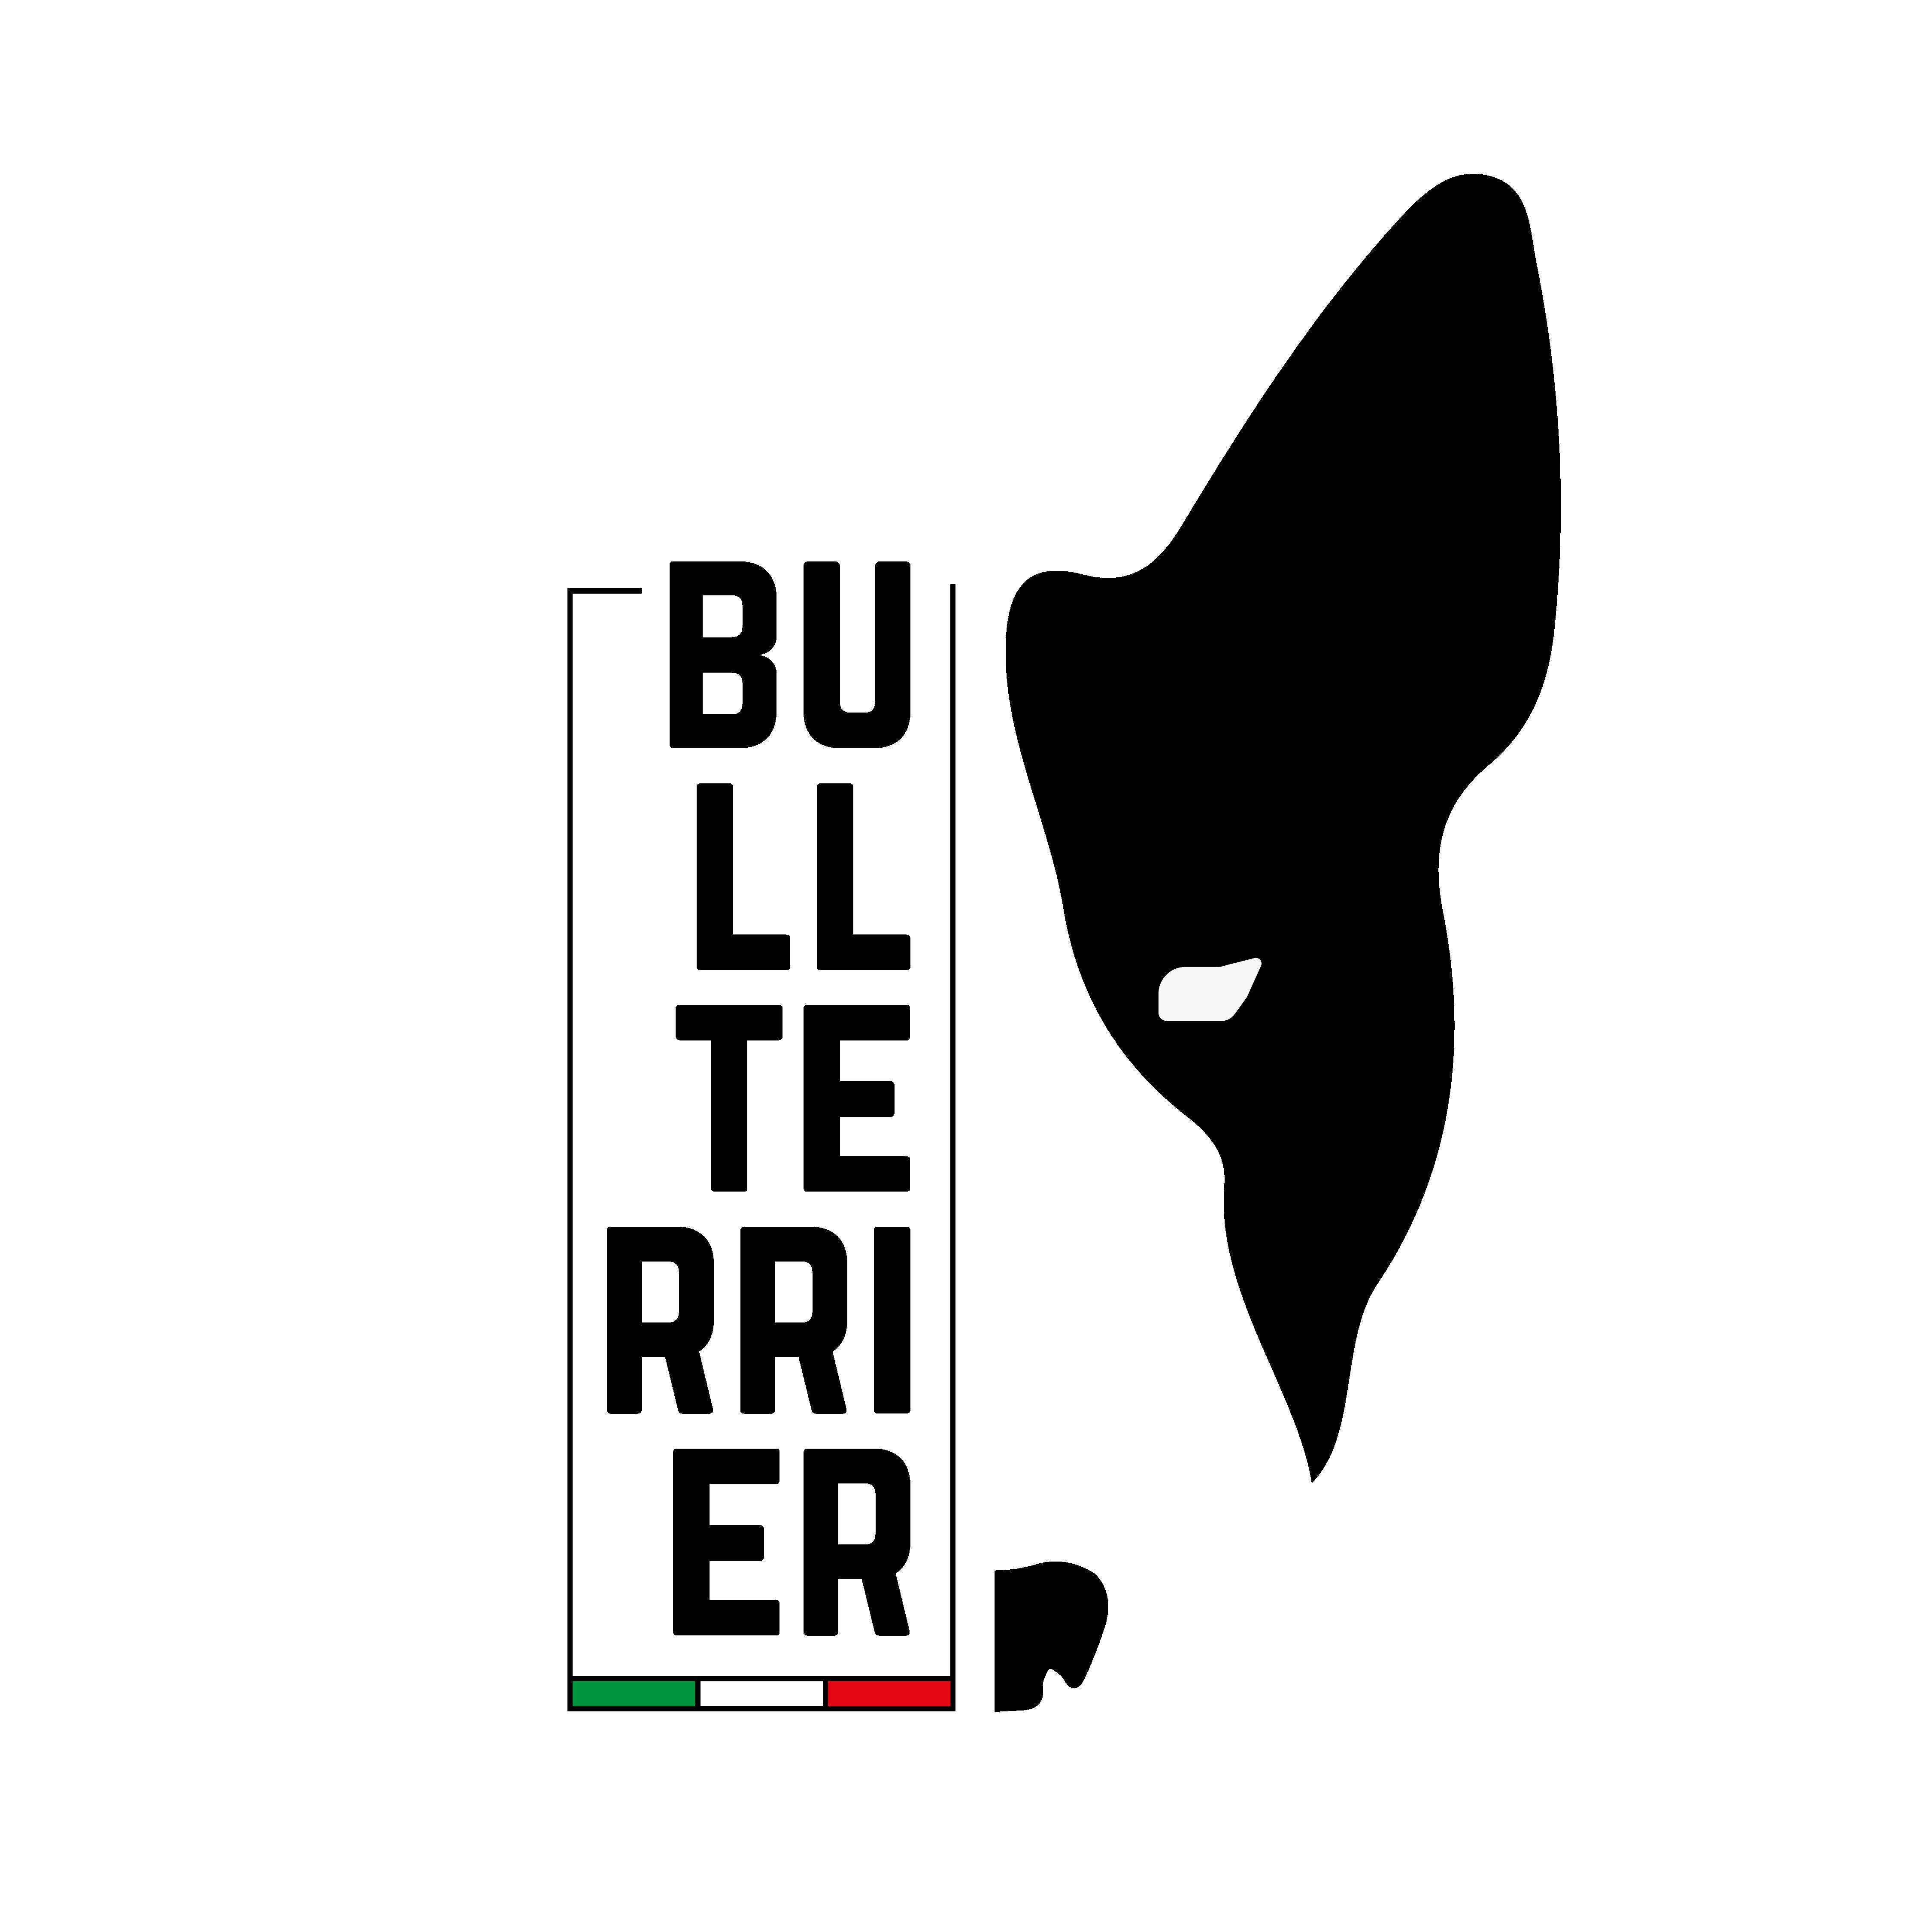 Bull Terrier Italia